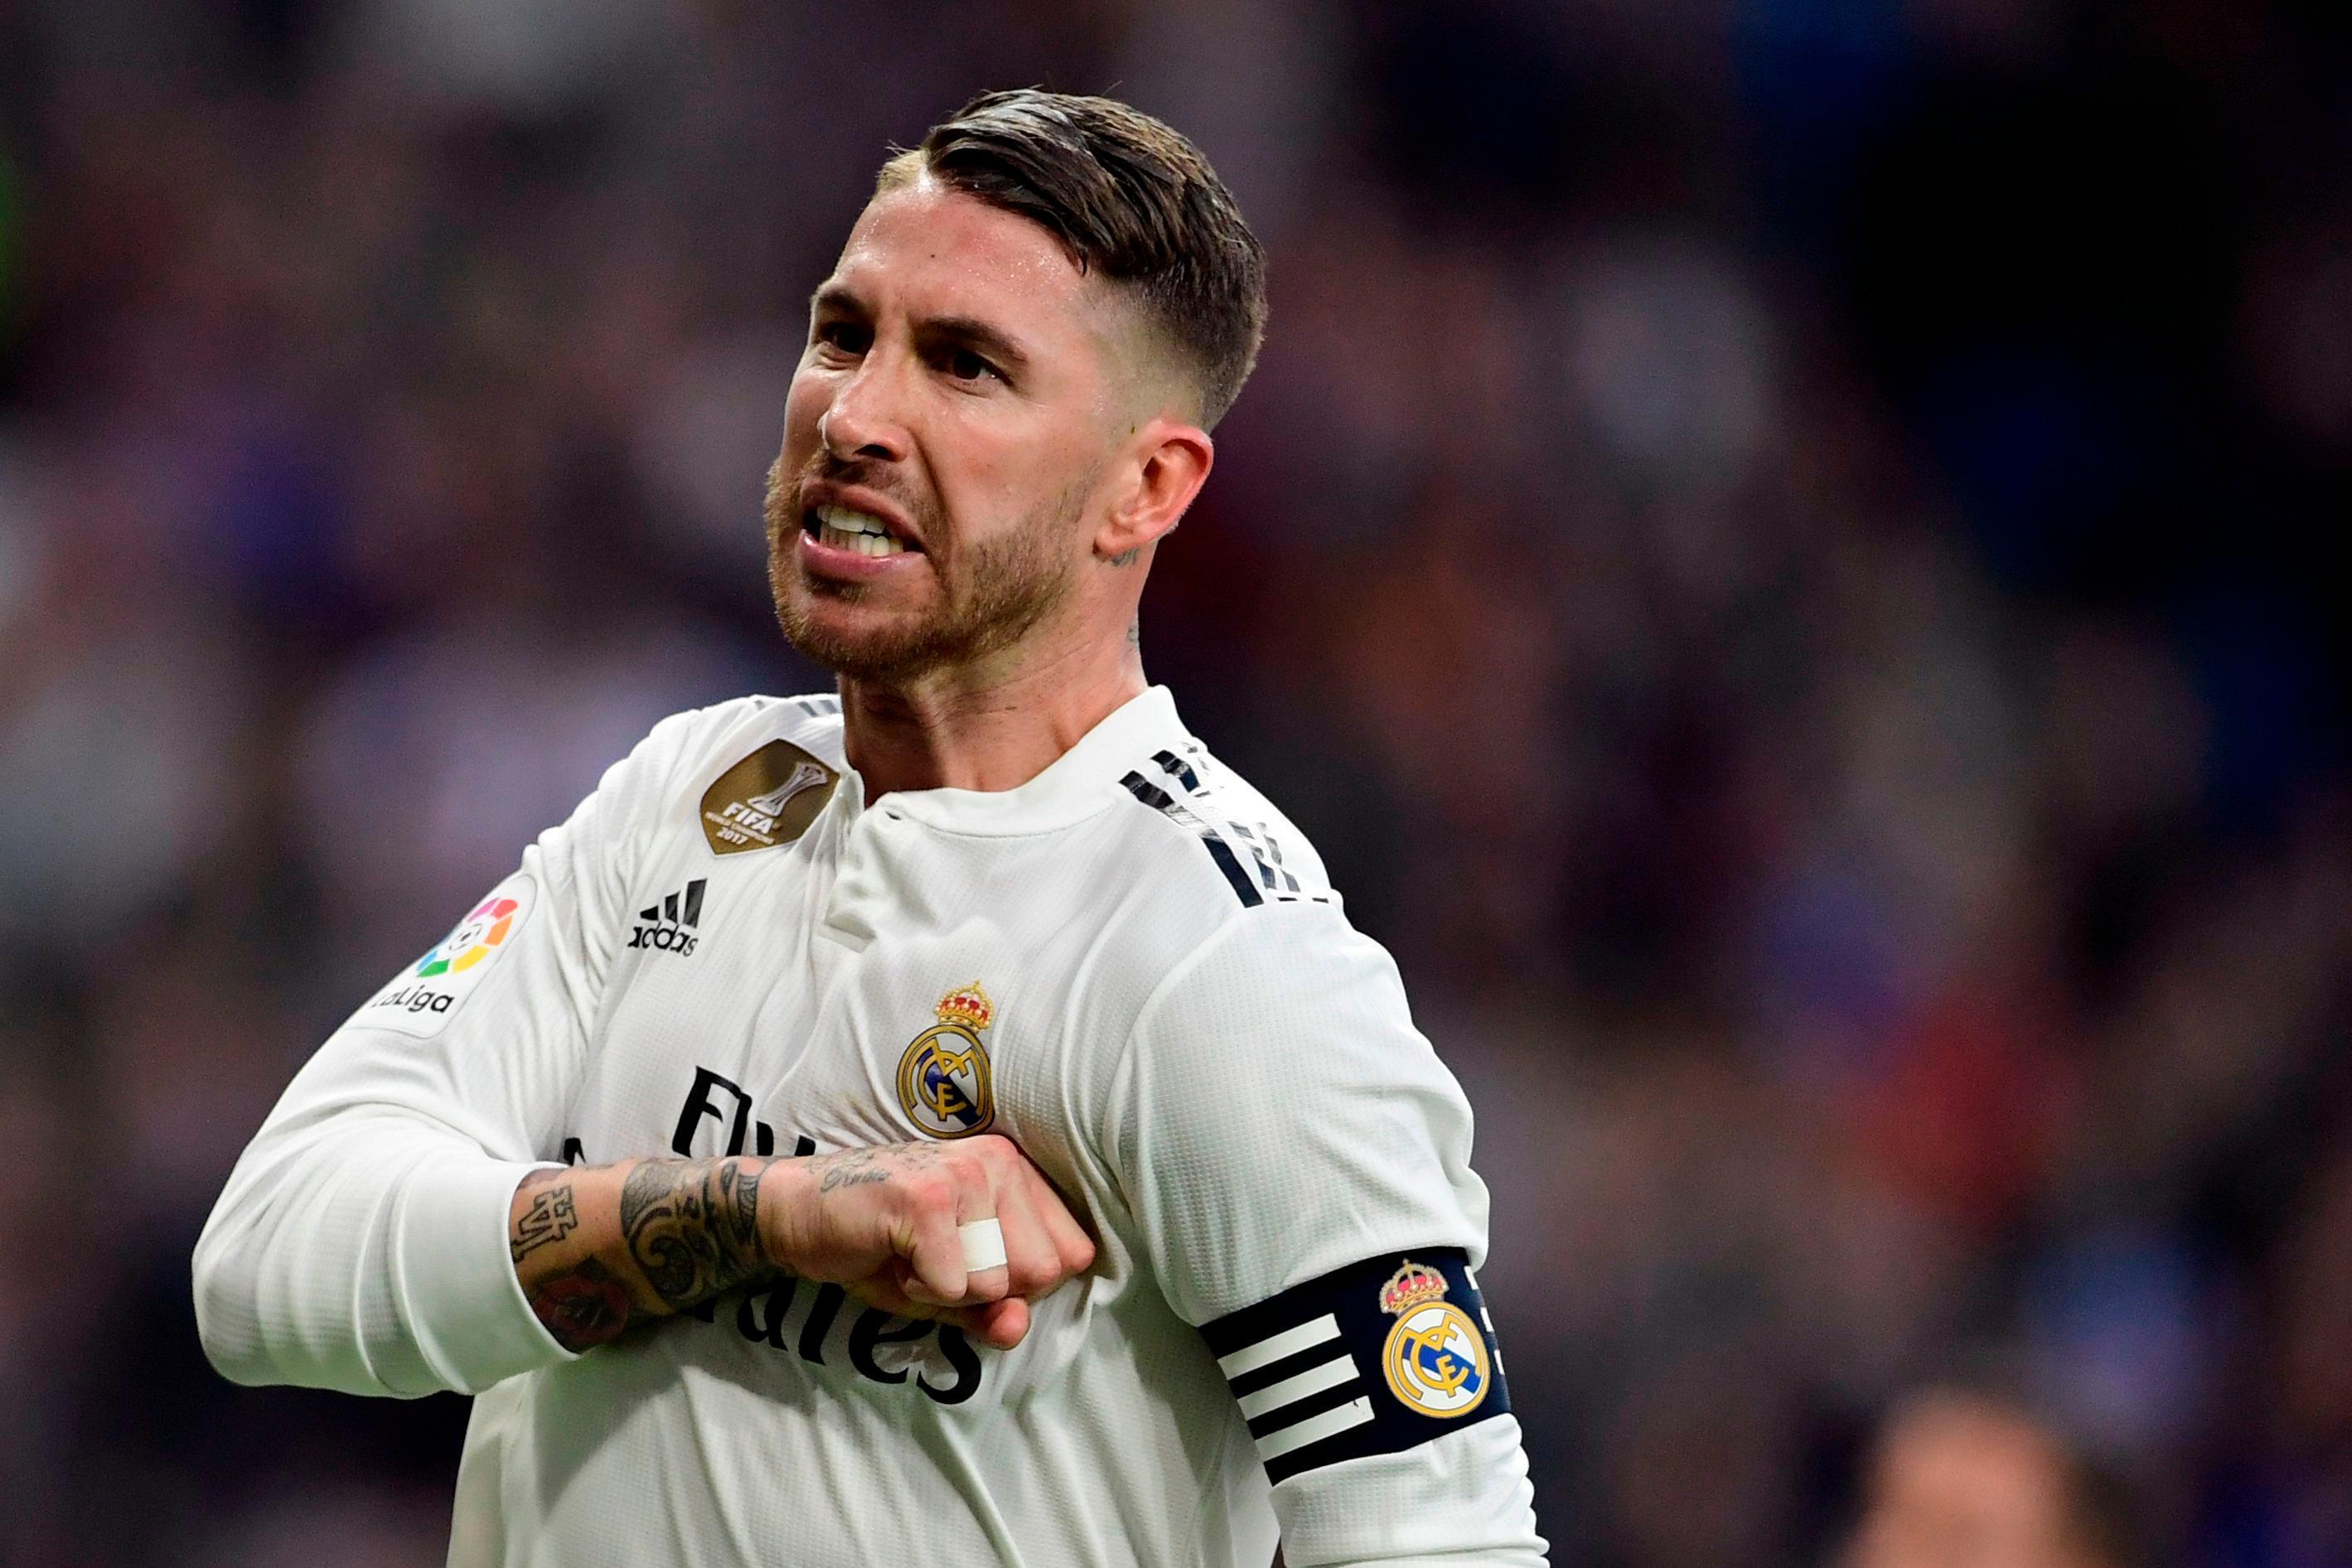 Sergio Ramos on verge of more Real Madrid history - Football Espana